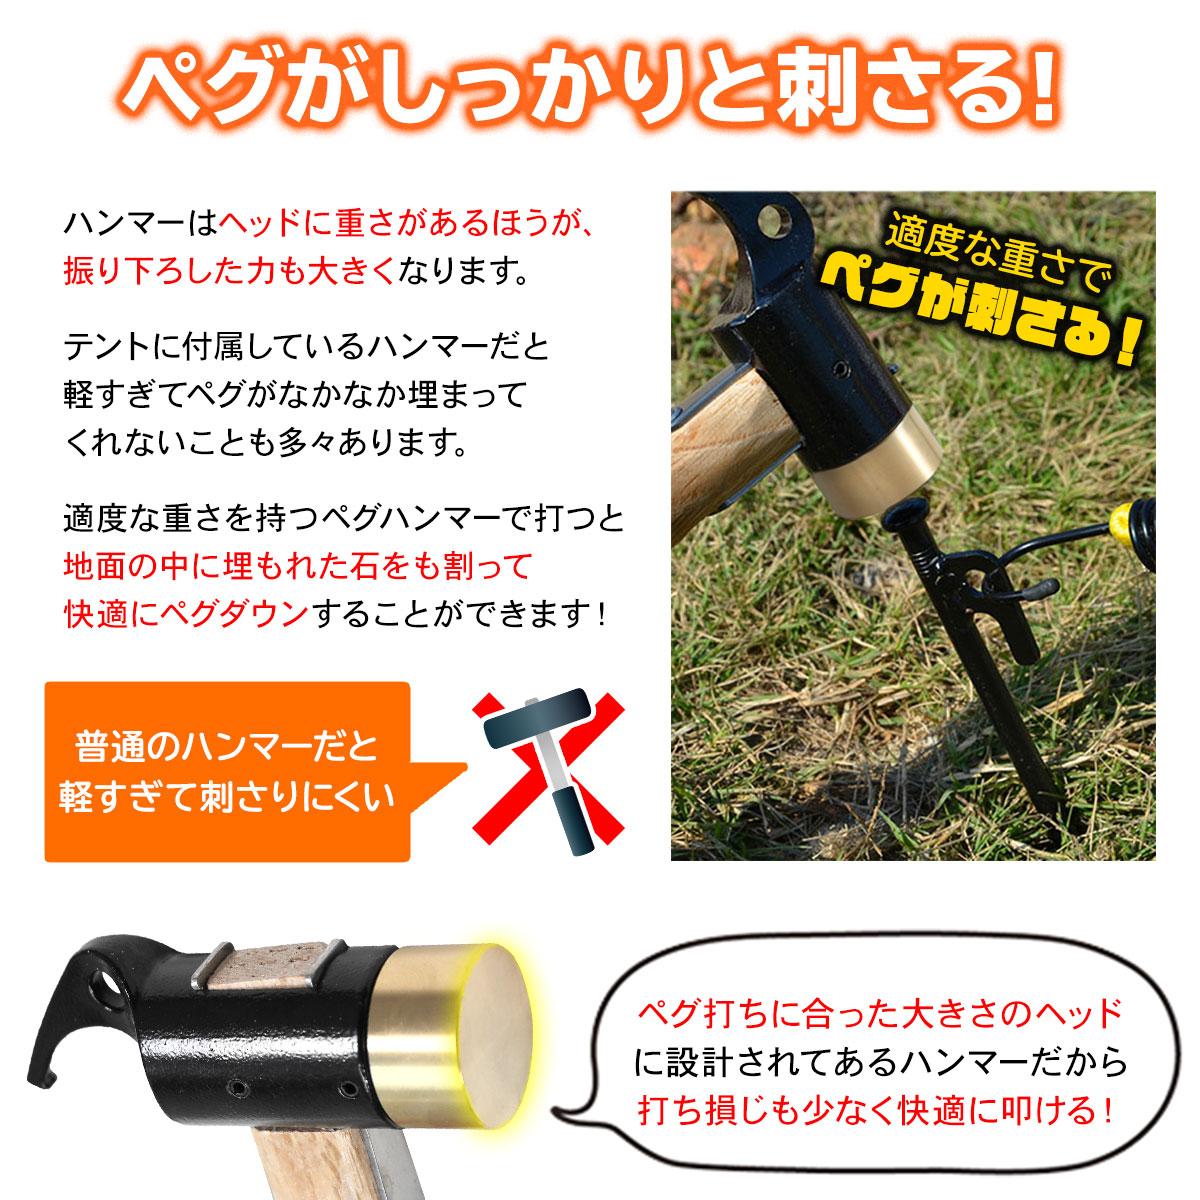 M-STYLE ペグハンマー 真鍮 ヘッド 木製 ハンドル アウトドア ハンマー 専用袋付き